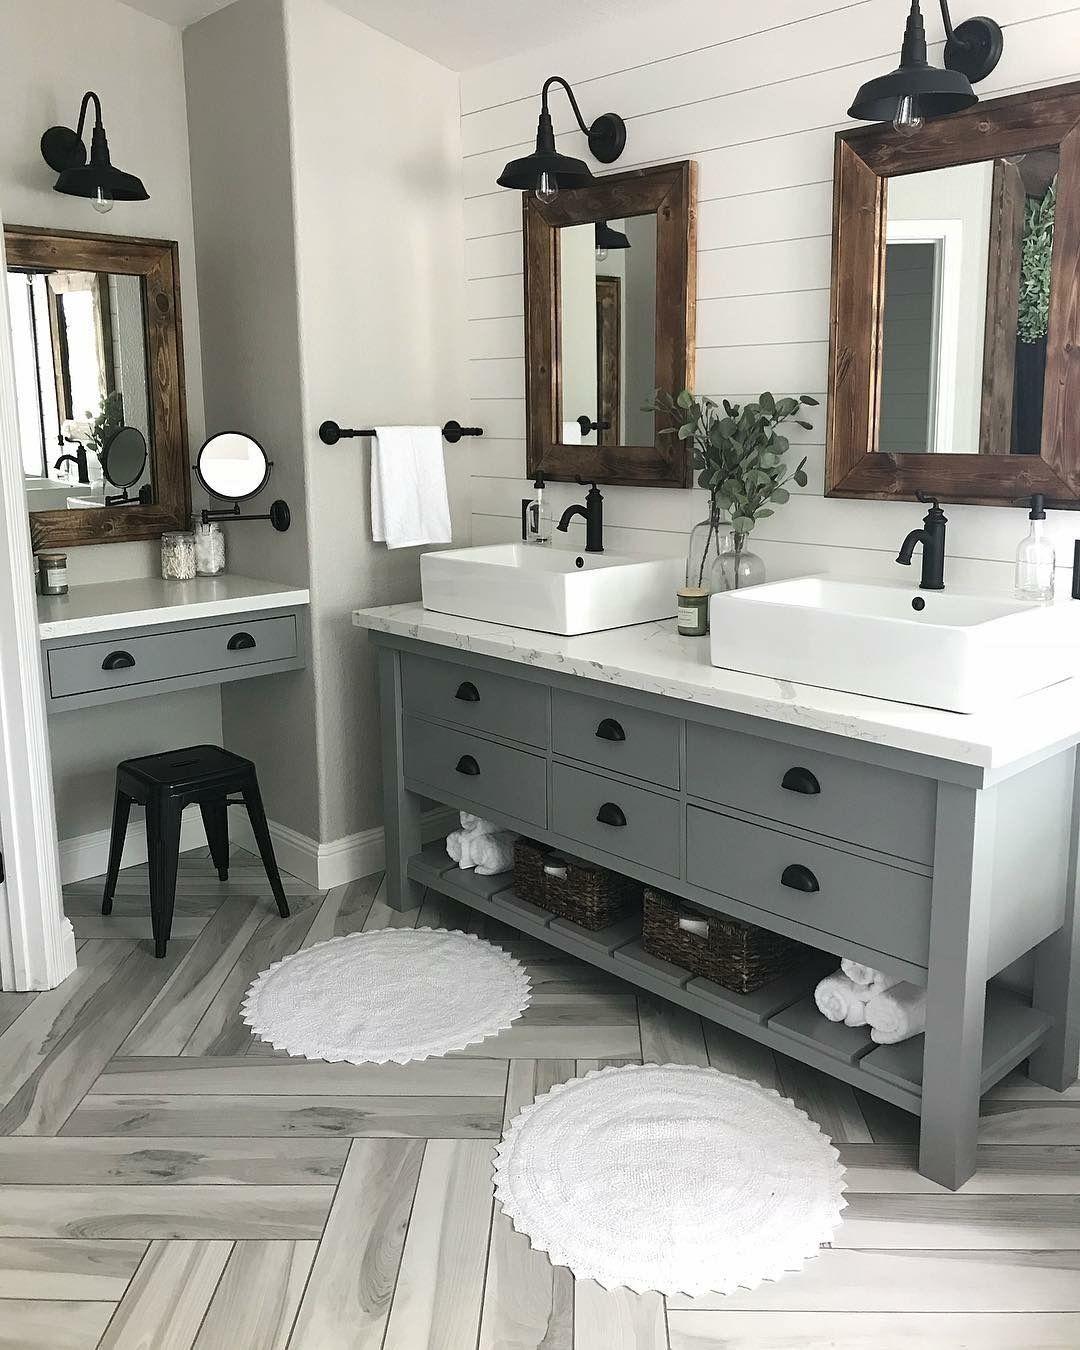 41 minimalist master bathroom remodel ideas bathroom on bathroom renovation ideas id=62090